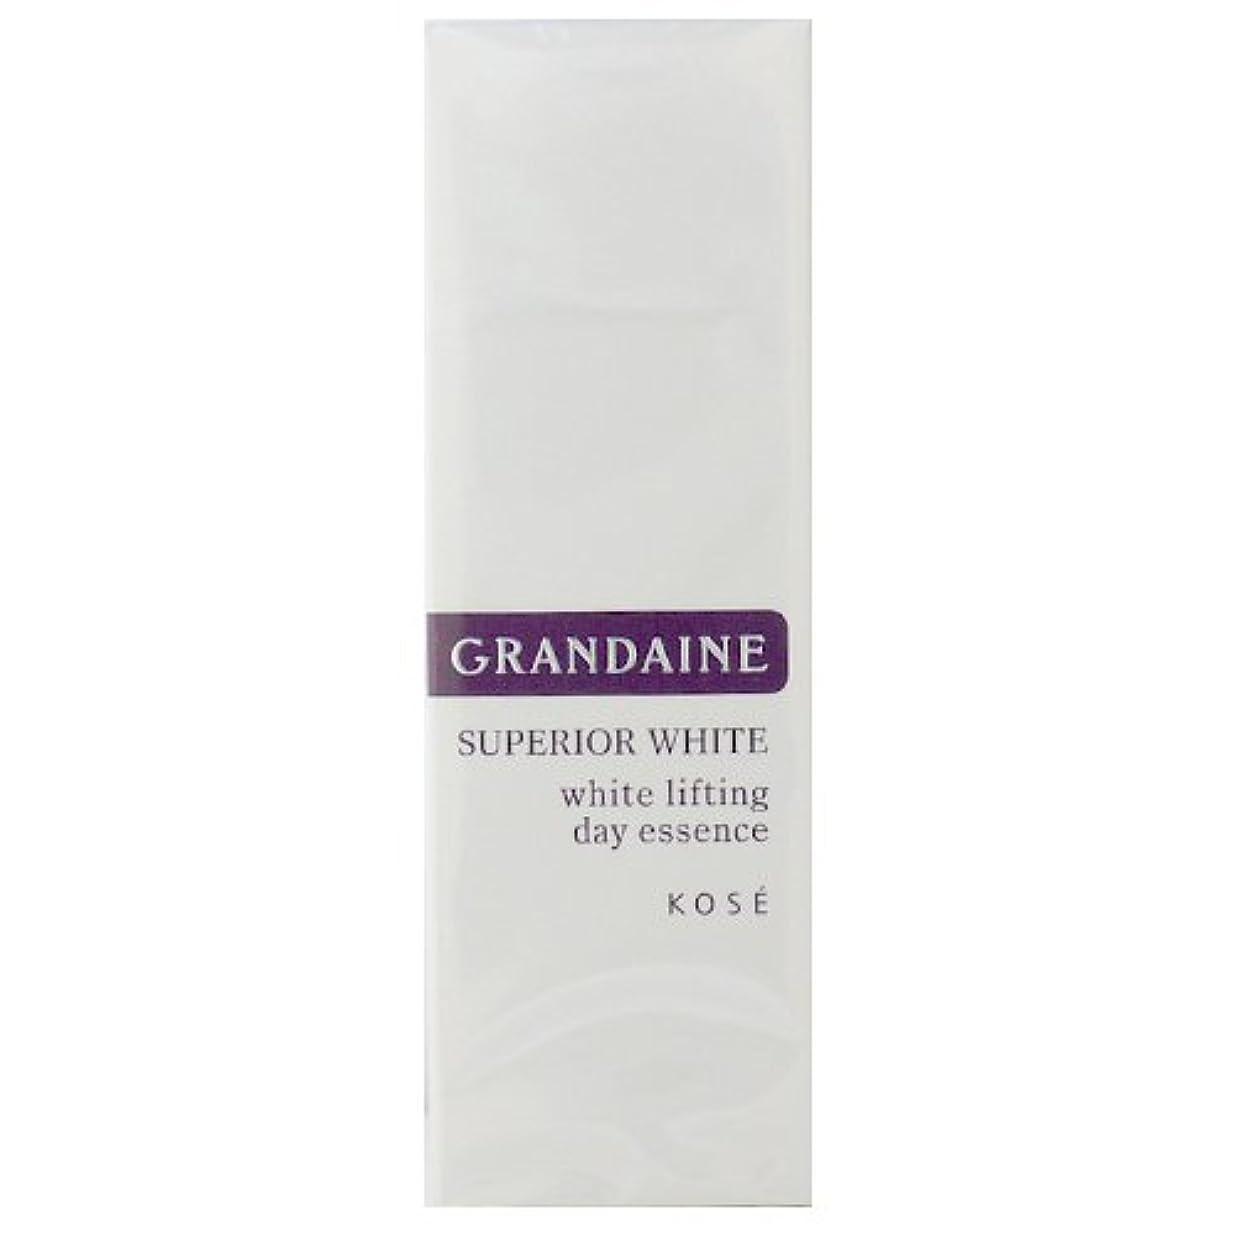 授業料一過性気取らないコーセー グランデーヌ スーペリア ホワイト ホワイトリフティング デイエッセンス SPF30 PA++ 30g